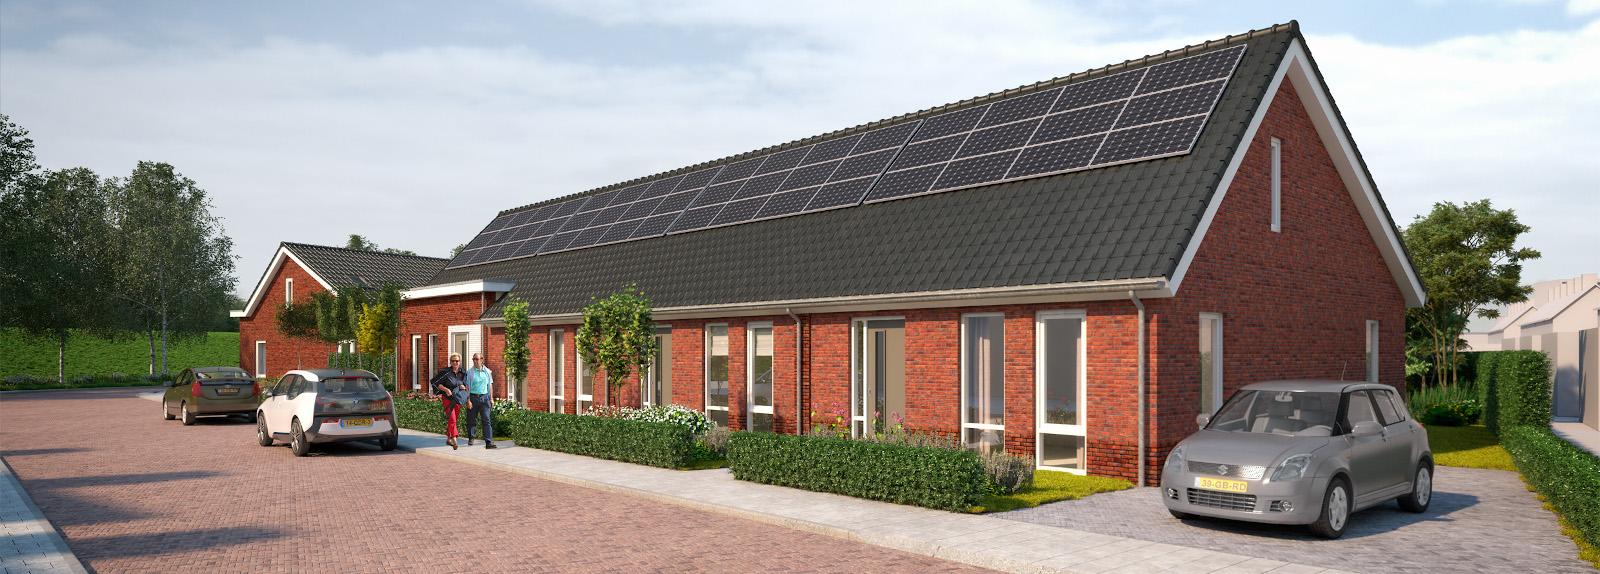 Nieuwbouw Doesburg - Bouwbedrijf Klomps